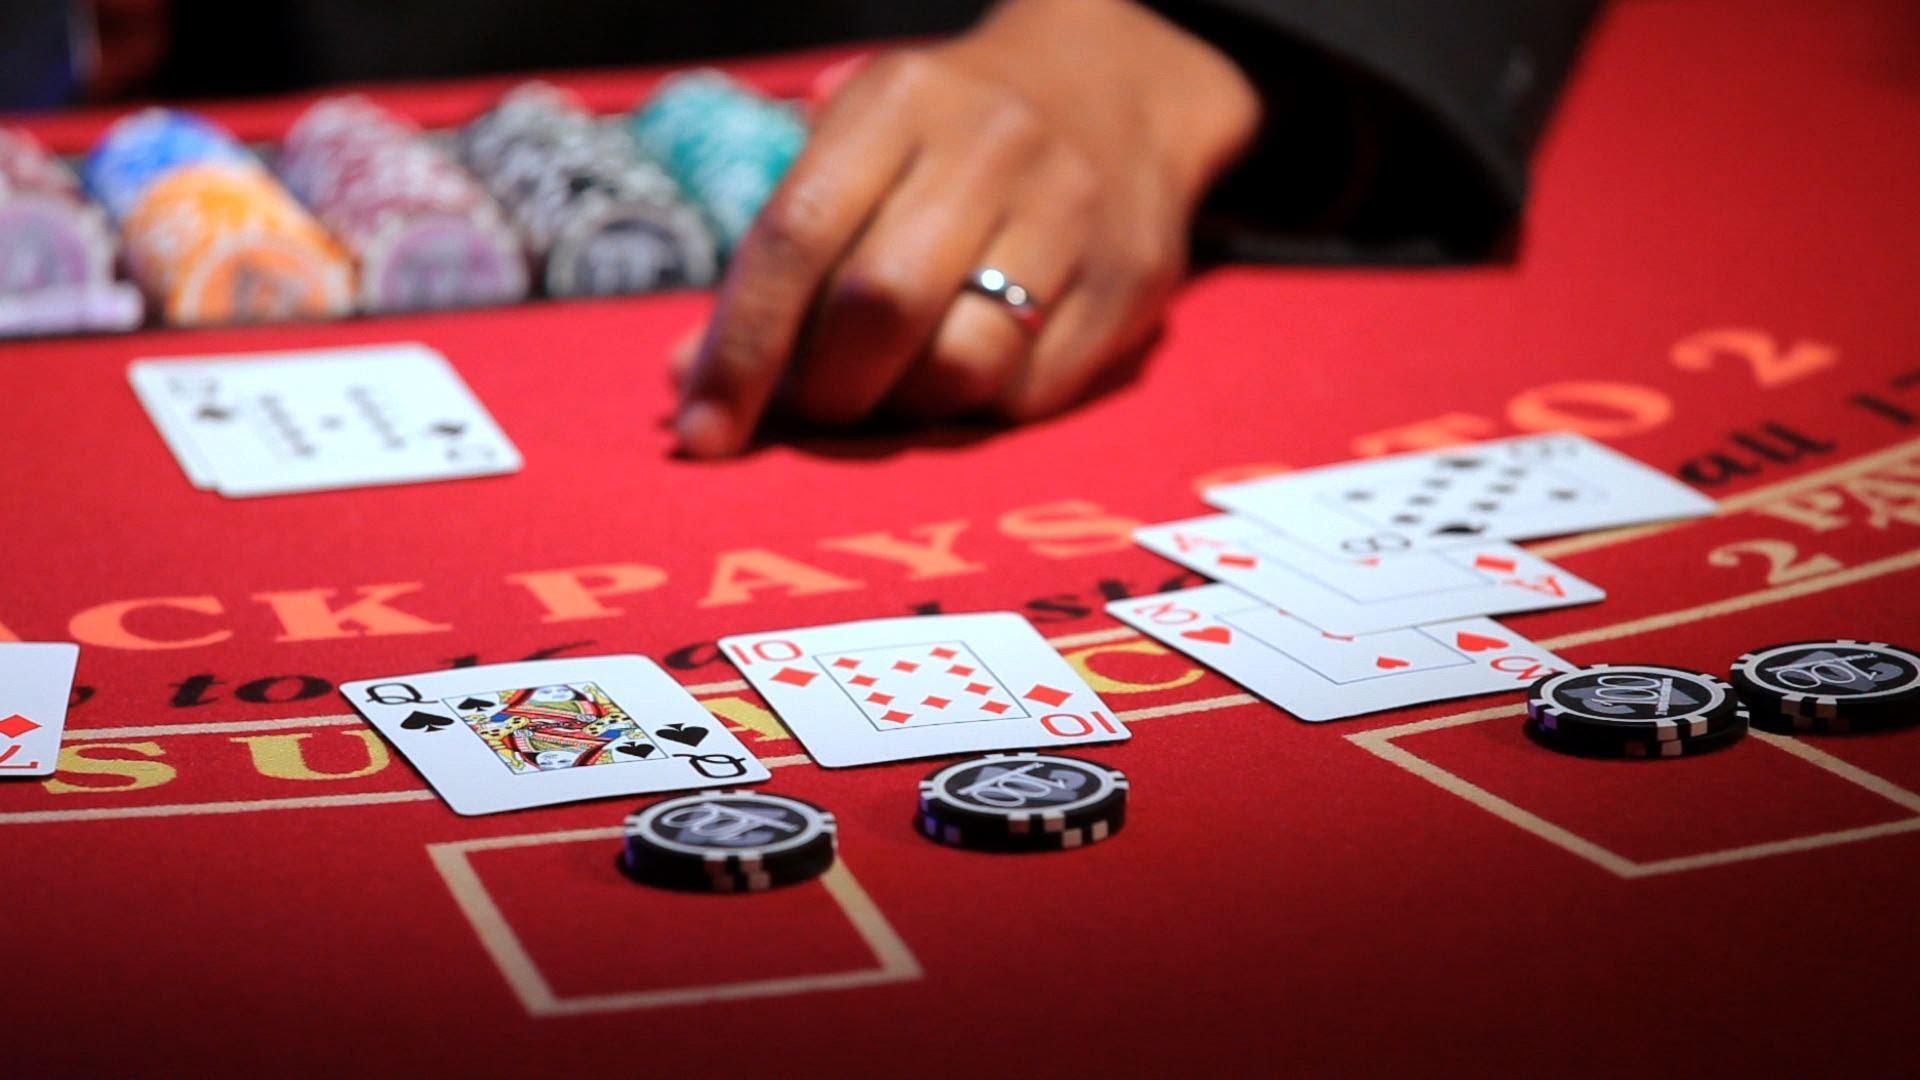 Blackjack gratuit comment se placer sur une table - Comment placer les verres sur une table ...